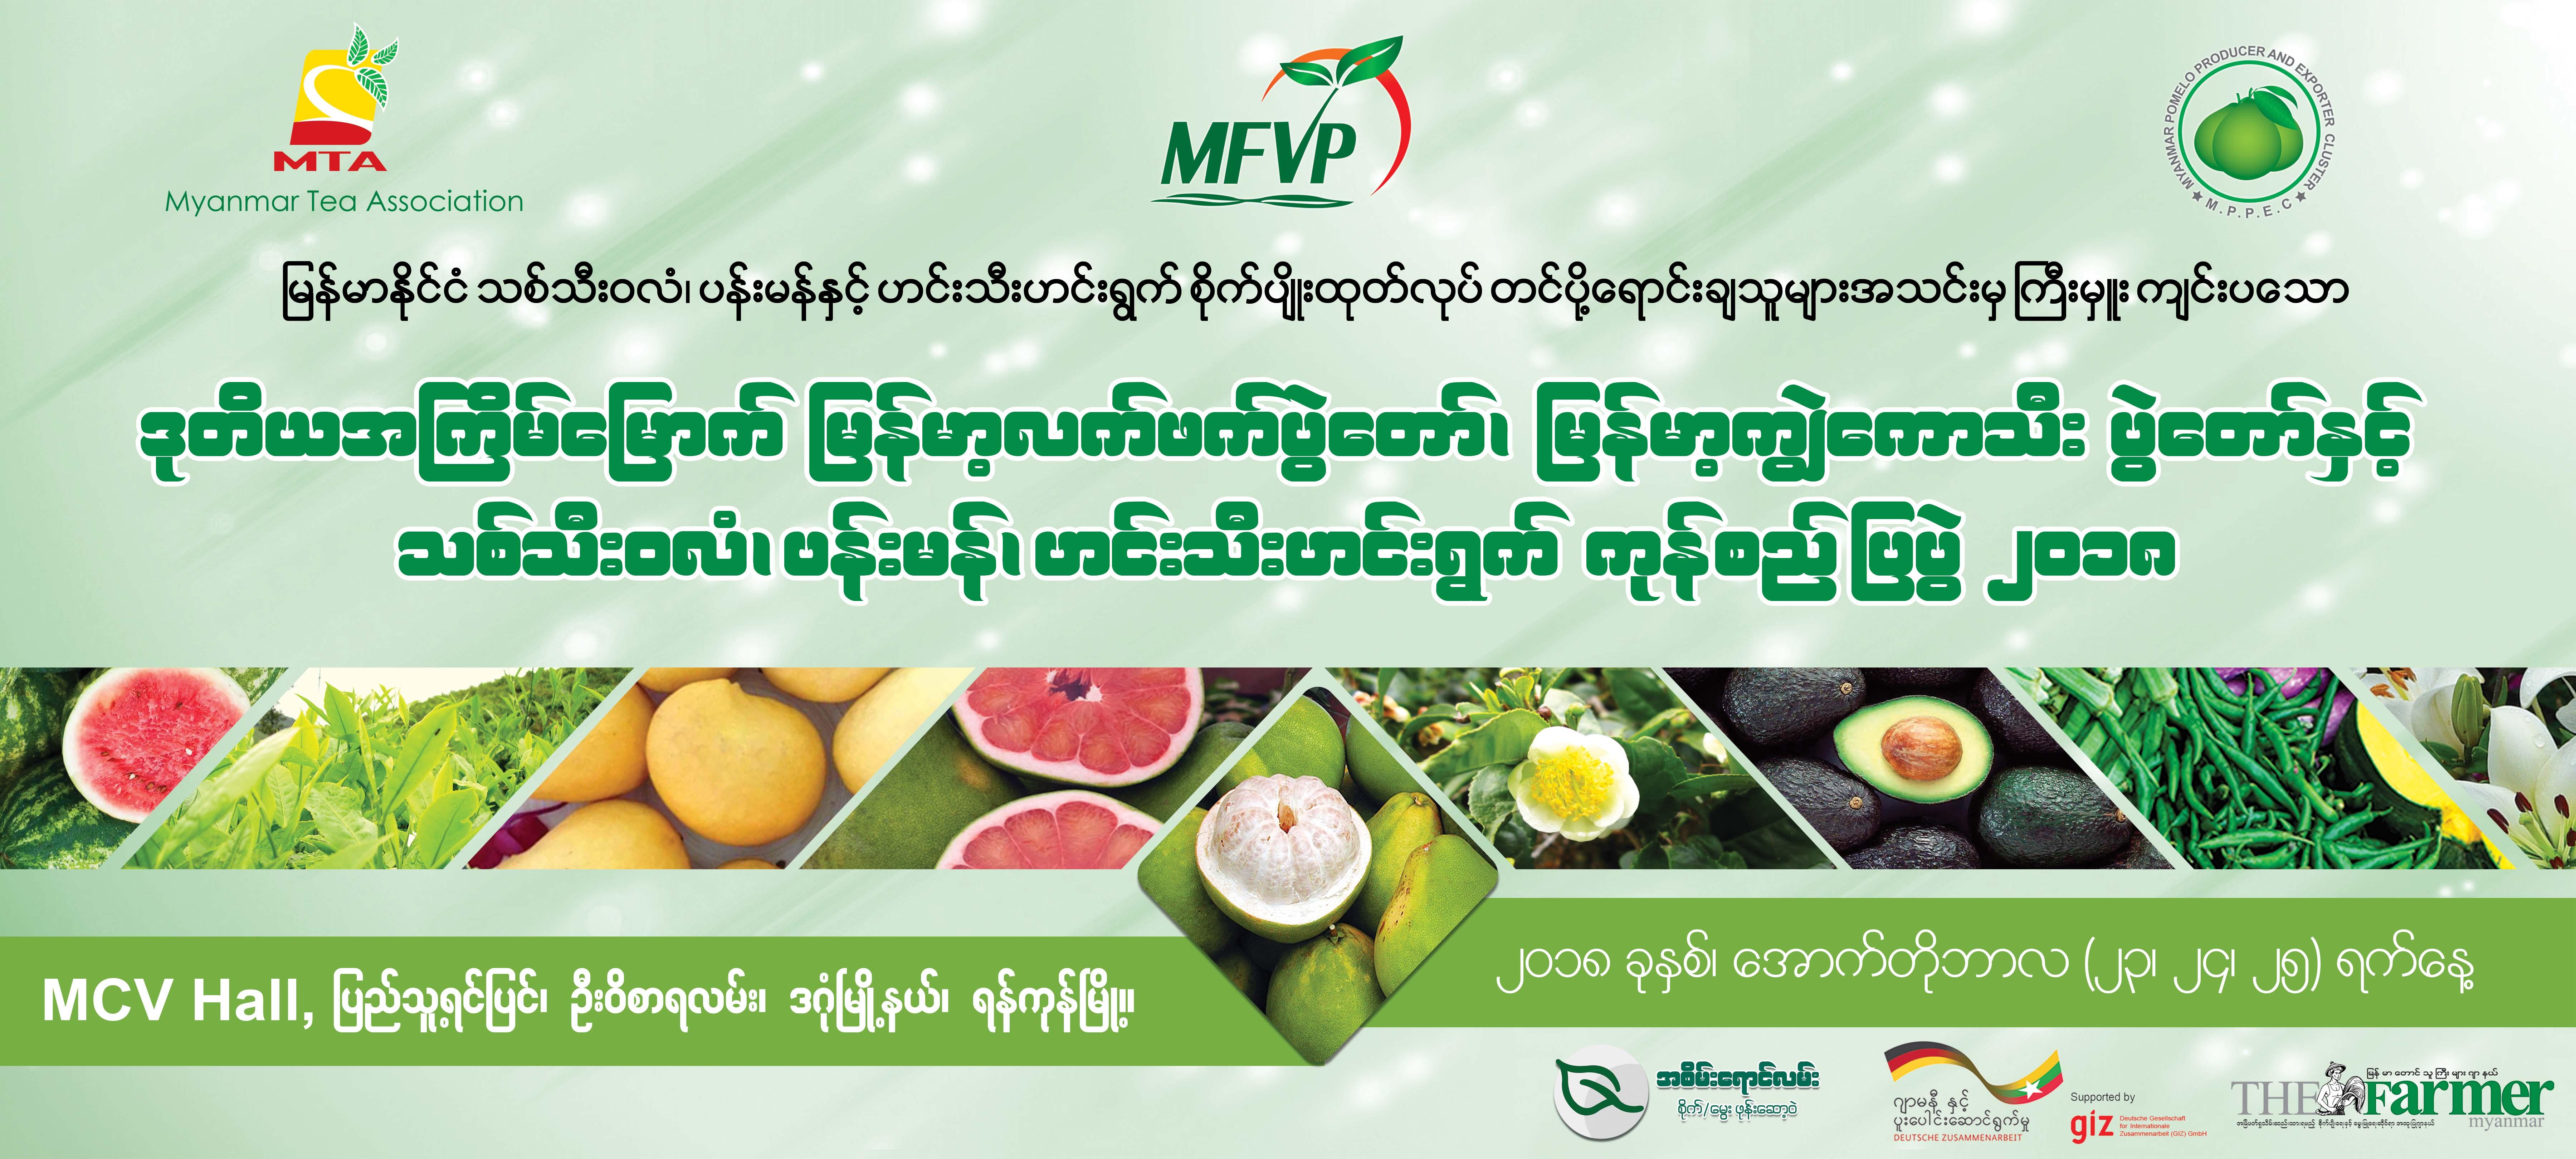 """""""ဒုတိယအကြိမ်မြောက် မြန်မာ့လက်ဖက်ပွဲတော်၊ မြန်မာ့ကျွဲကောသီးပွဲတော်နှင့် သစ်သီးဝလံ၊ ပန်းမန်၊ ဟင်းသီးဟင်းရွက် ကုန်စည်ပြပွဲ ၂၀၁၈"""""""